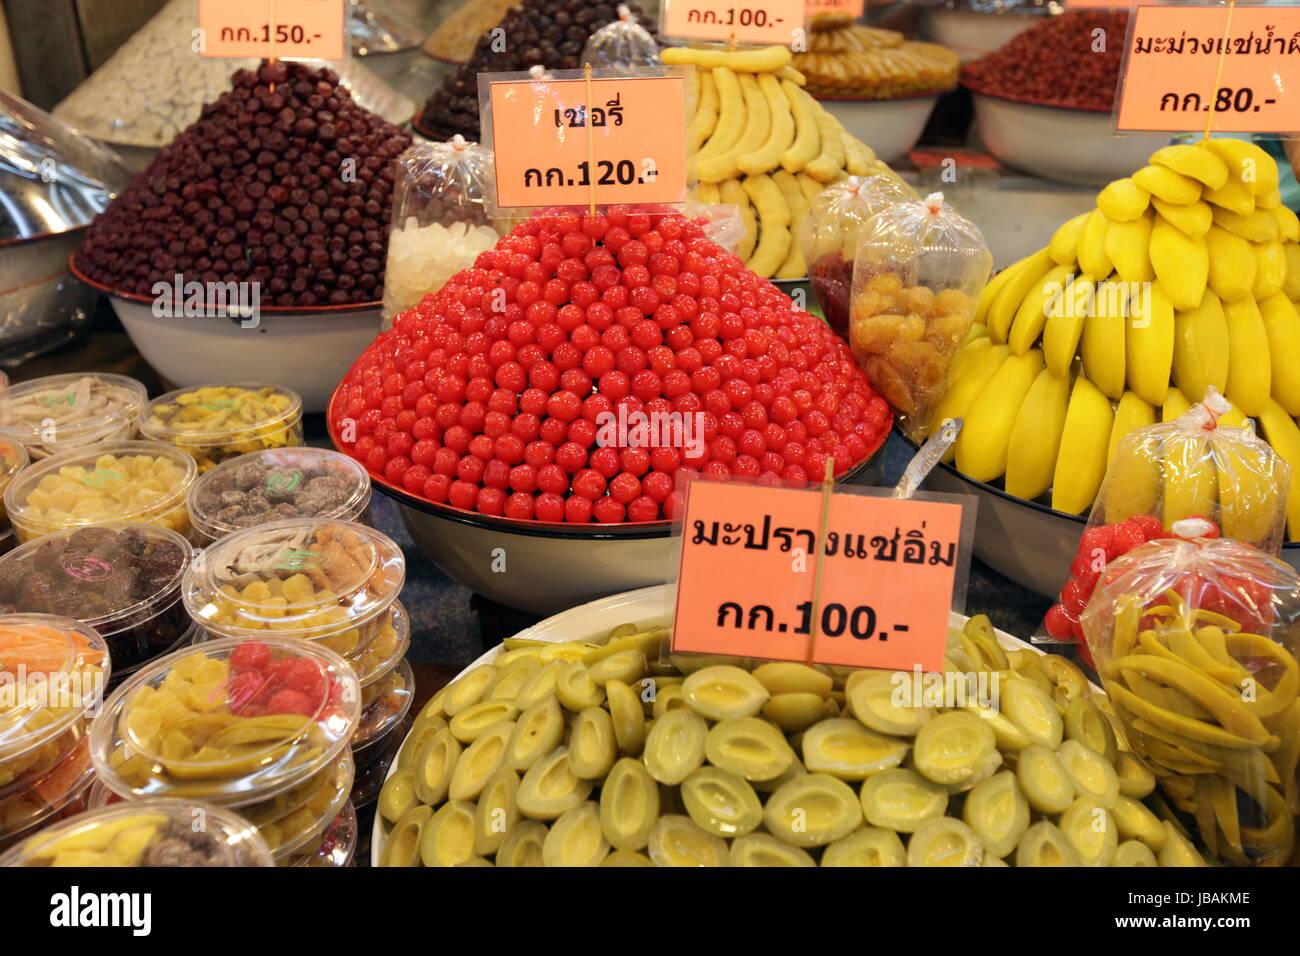 Ein Marktstand auf dem Markt in der Tempelstadt Ayutthaya noerdlich von Bangkok in Thailand. - Stock Image